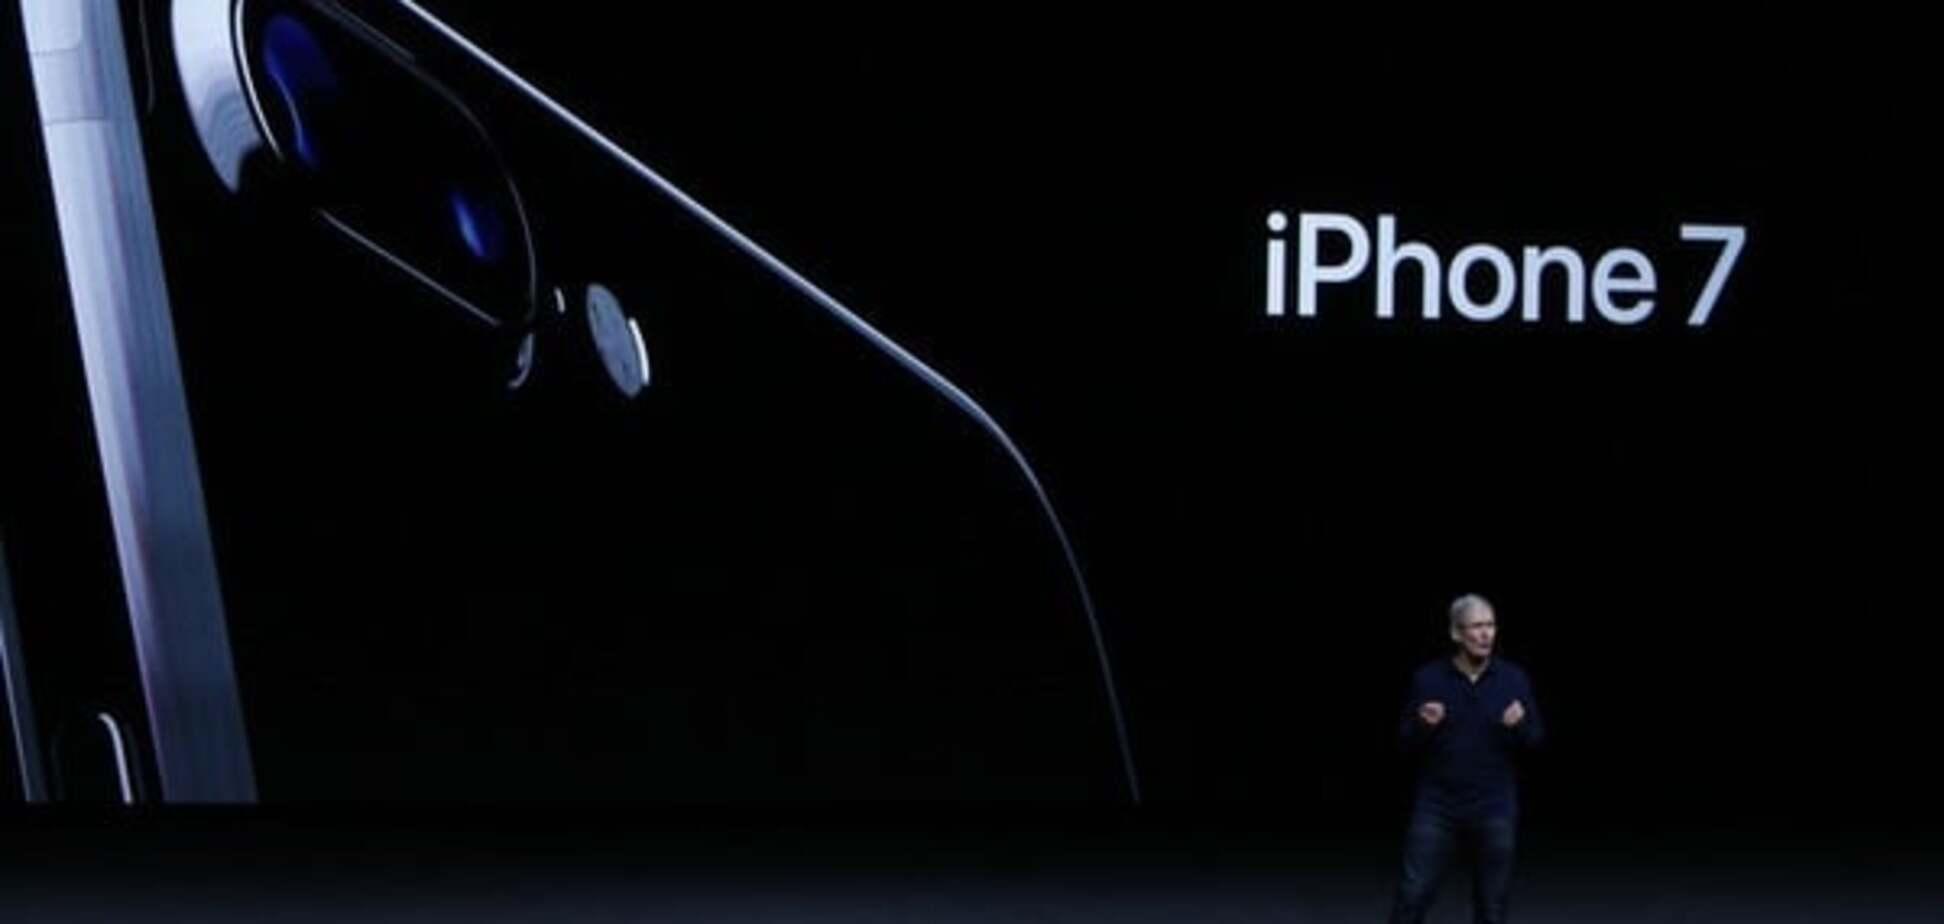 iPhone 7 и другие долгожданные новинки: чем порадовала презентация Apple